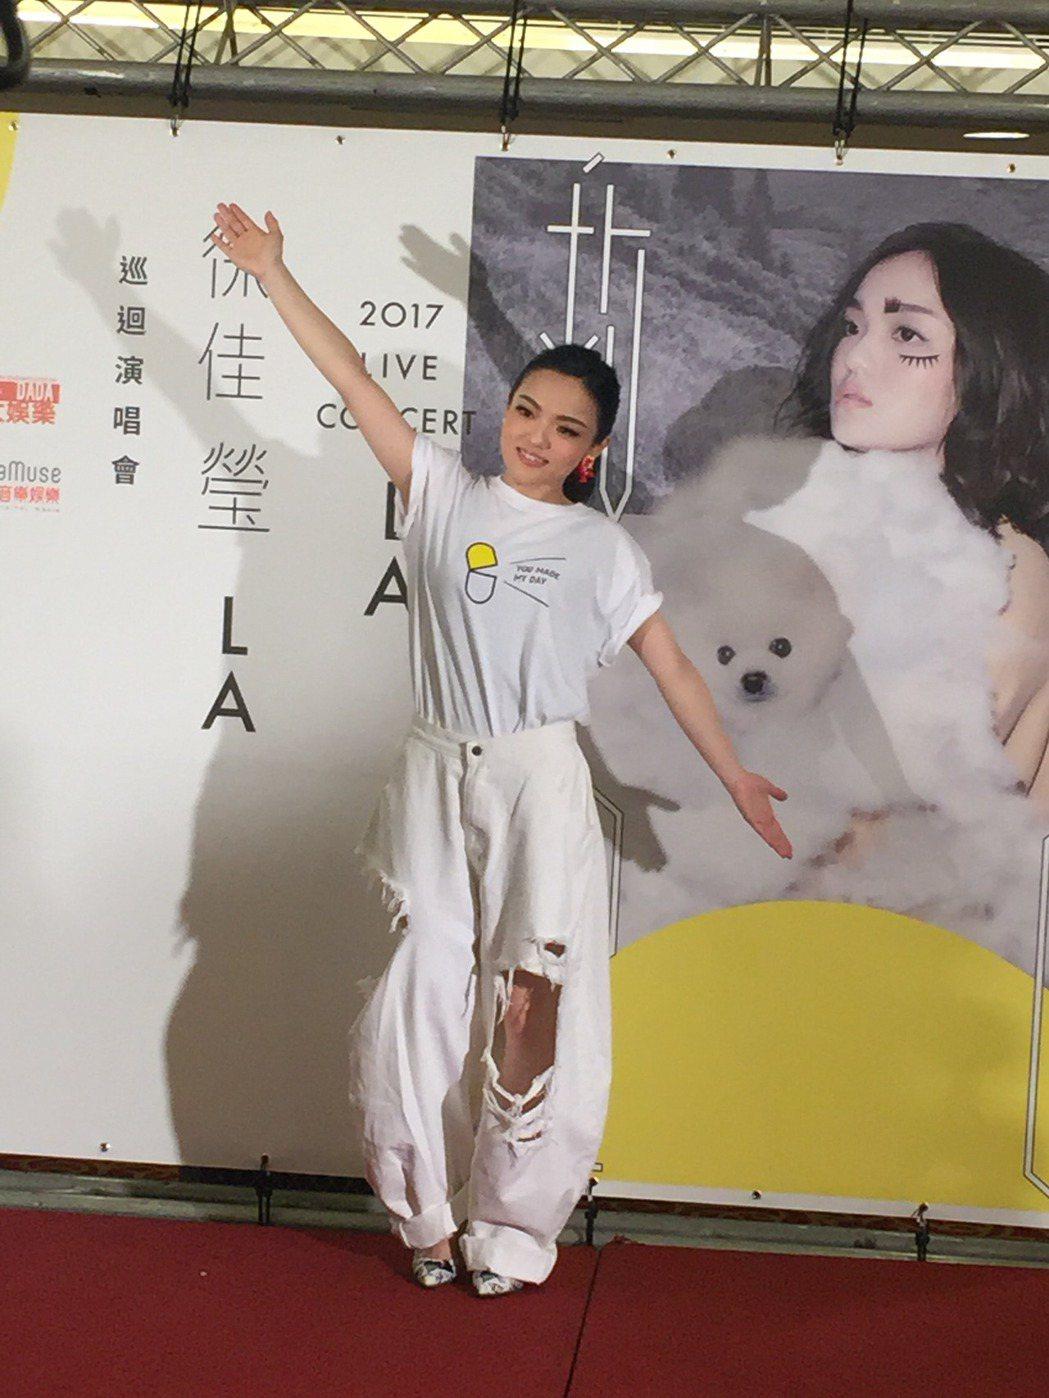 徐佳瑩慶功,破褲露細腿,講到演唱會差點走光,自己大笑。記者袁世珮/攝影